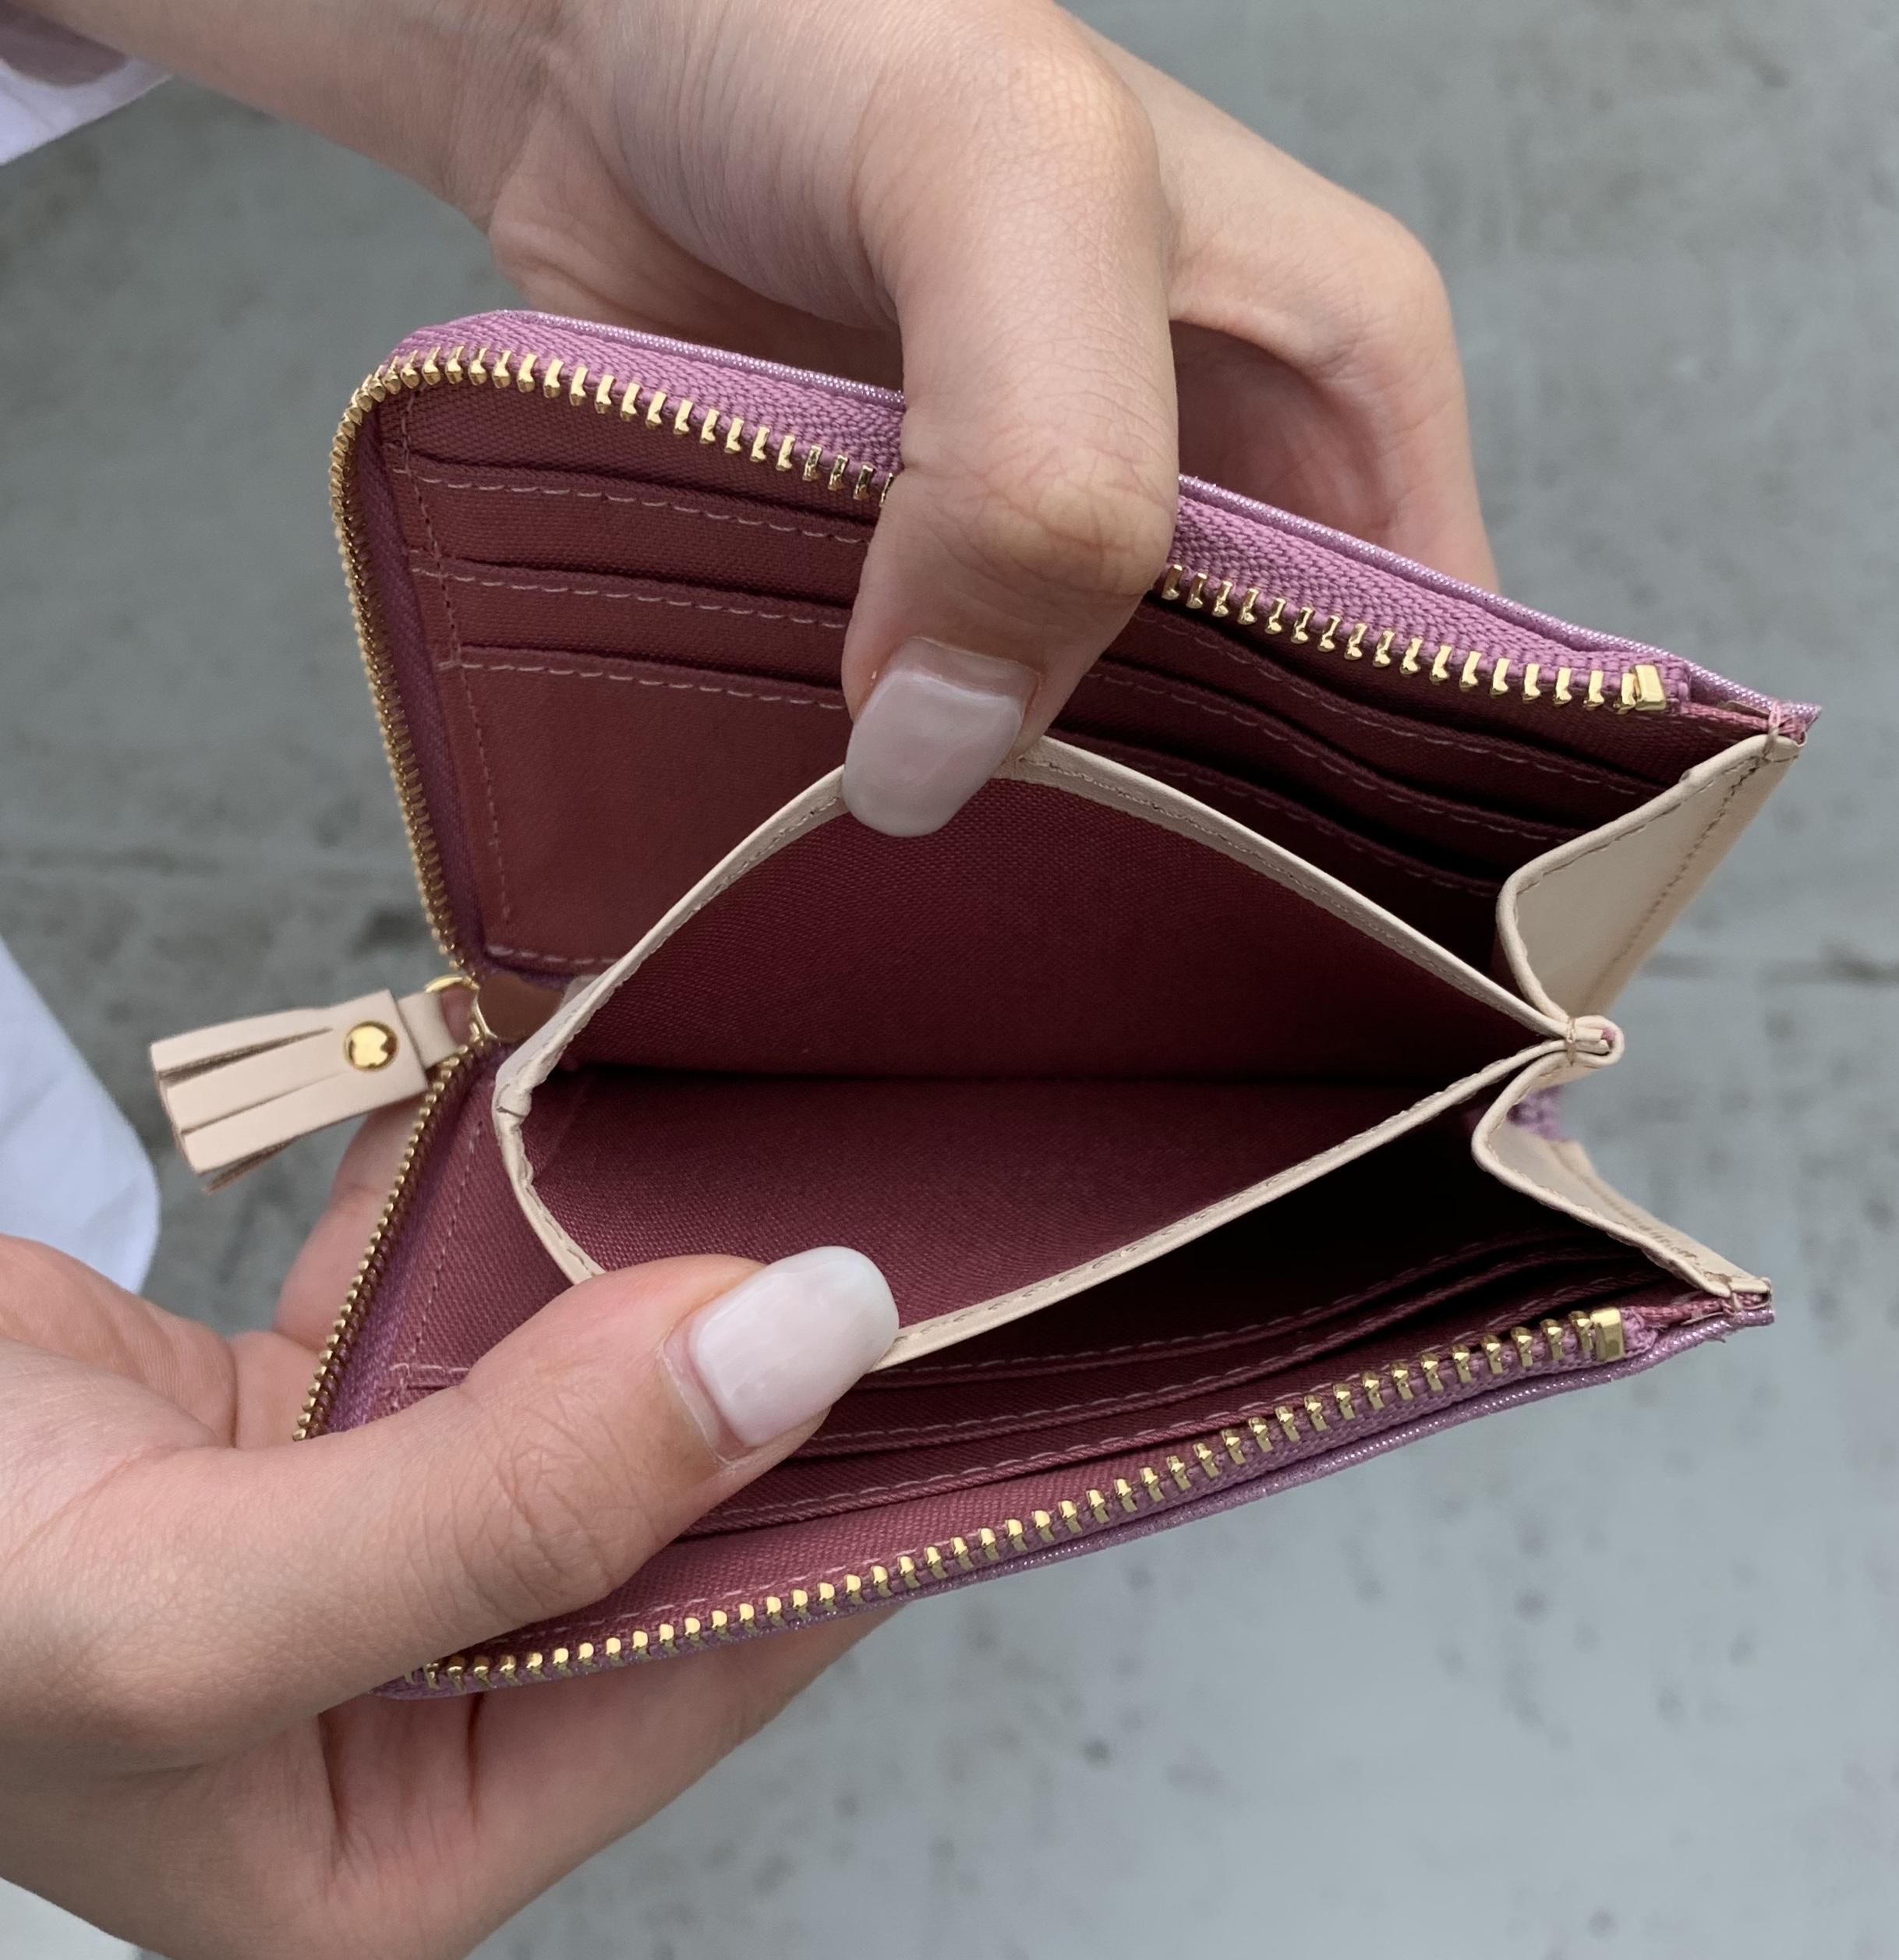 scrap book スクラップブック お財布 財布 wallet Wallet ミニ財布 三つ折り財布 長財布 小さいお財布 ポンタタ POMTATA 日本ブランド 別注 コラボレーション コラボ レザー leather 軽い 薄い 使いやすい 大収納 L字型wallet